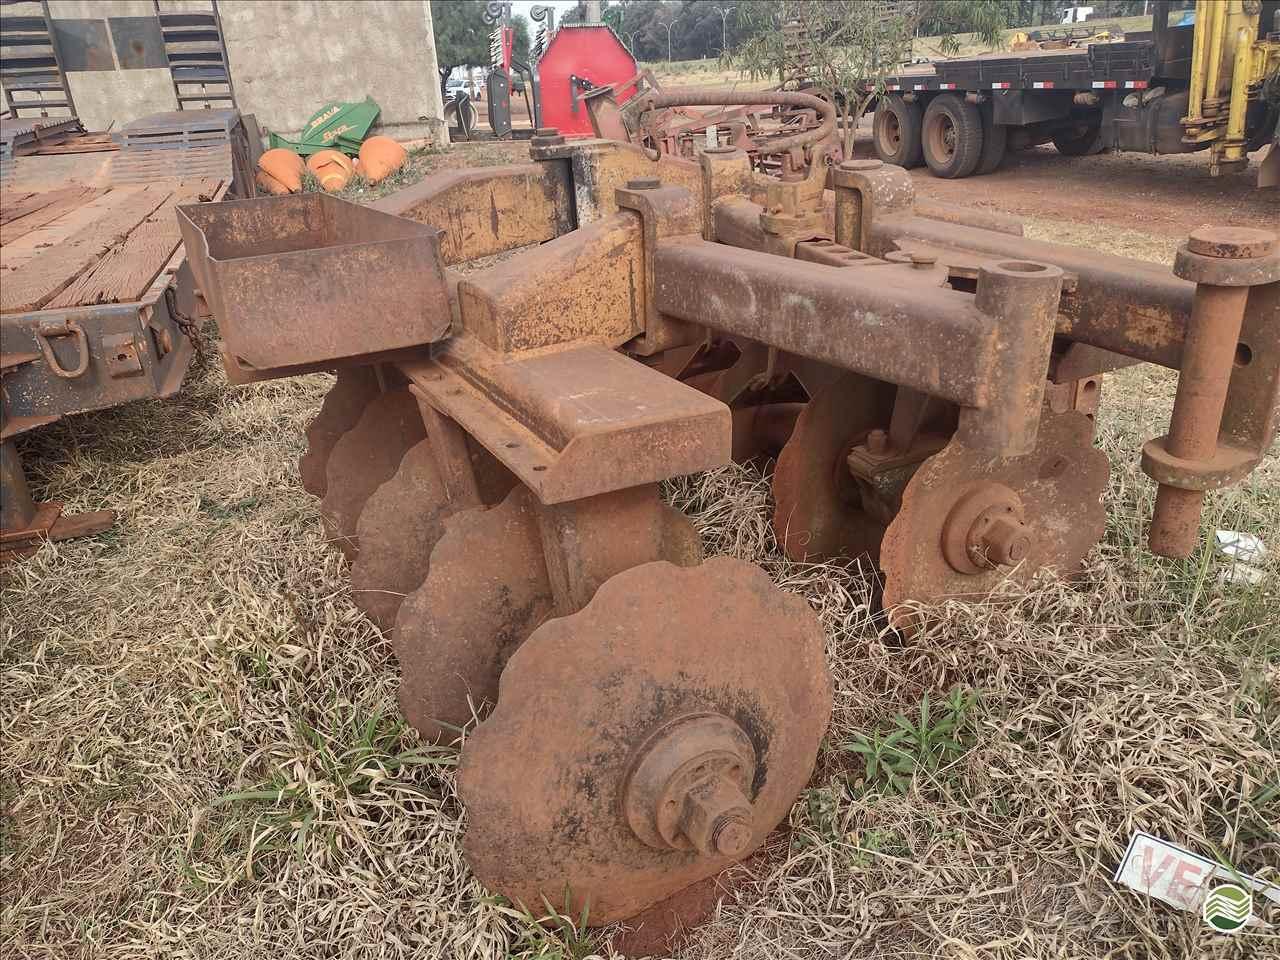 IMPLEMENTOS AGRICOLAS GRADE ARADORA ARADORA 10 DISCOS Precilo Máquinas PONTA PORA MATO GROSSO DO SUL MS